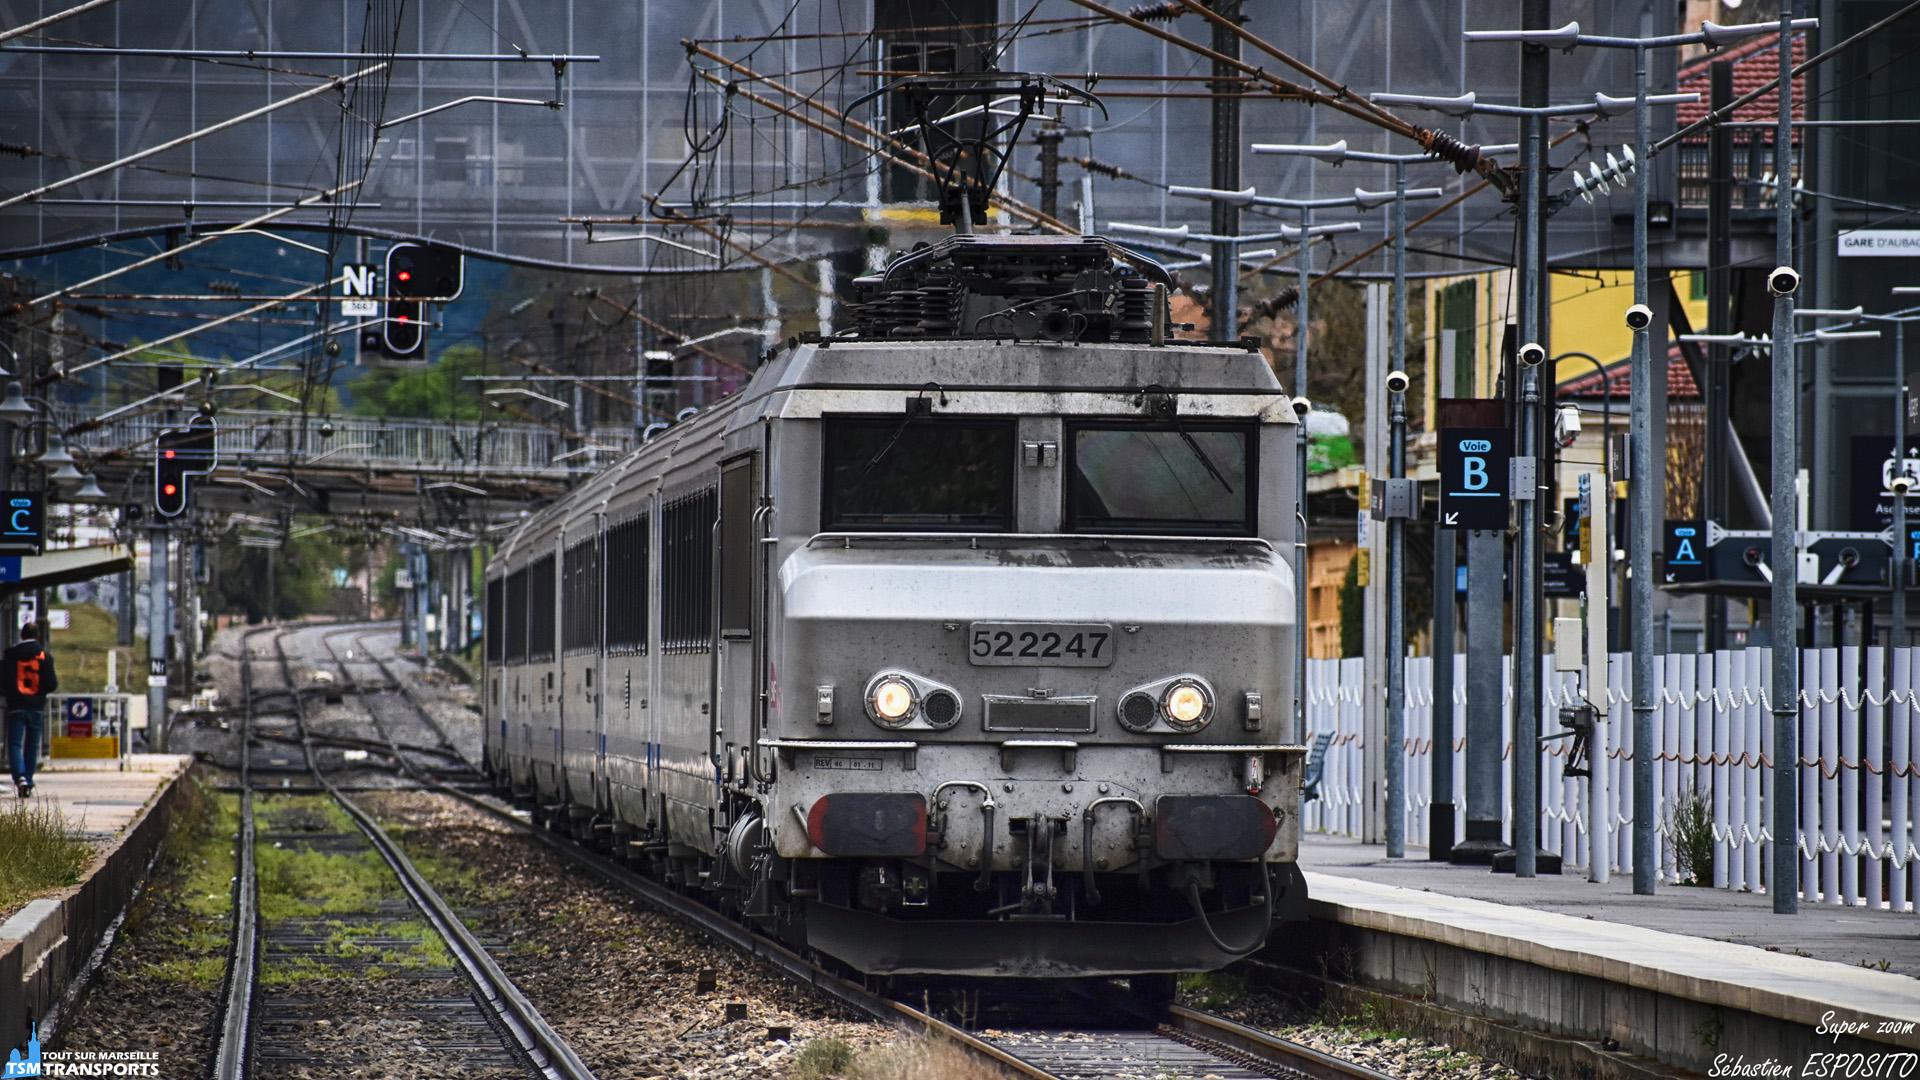 Gros plan sur la BB22247R qui tire le rapide Nice - Marseille passant à vive allure en gare d'Aubagne entre deux averses. . ℹ️ Alsthom BB22200R (BB22247R) SNCF. . 📍 Gare d'Aubagne, Square Marcel Soulat, 13400 Aubagne. . 📸 Nikon D5600. . 📷 Nikkor 70-300mm. . 📏 Distance du shoot : 220 mètres. . 📅 6 Avril 2019 à 15:46. . 👨 Sébastien ESPOSITO détrempé.